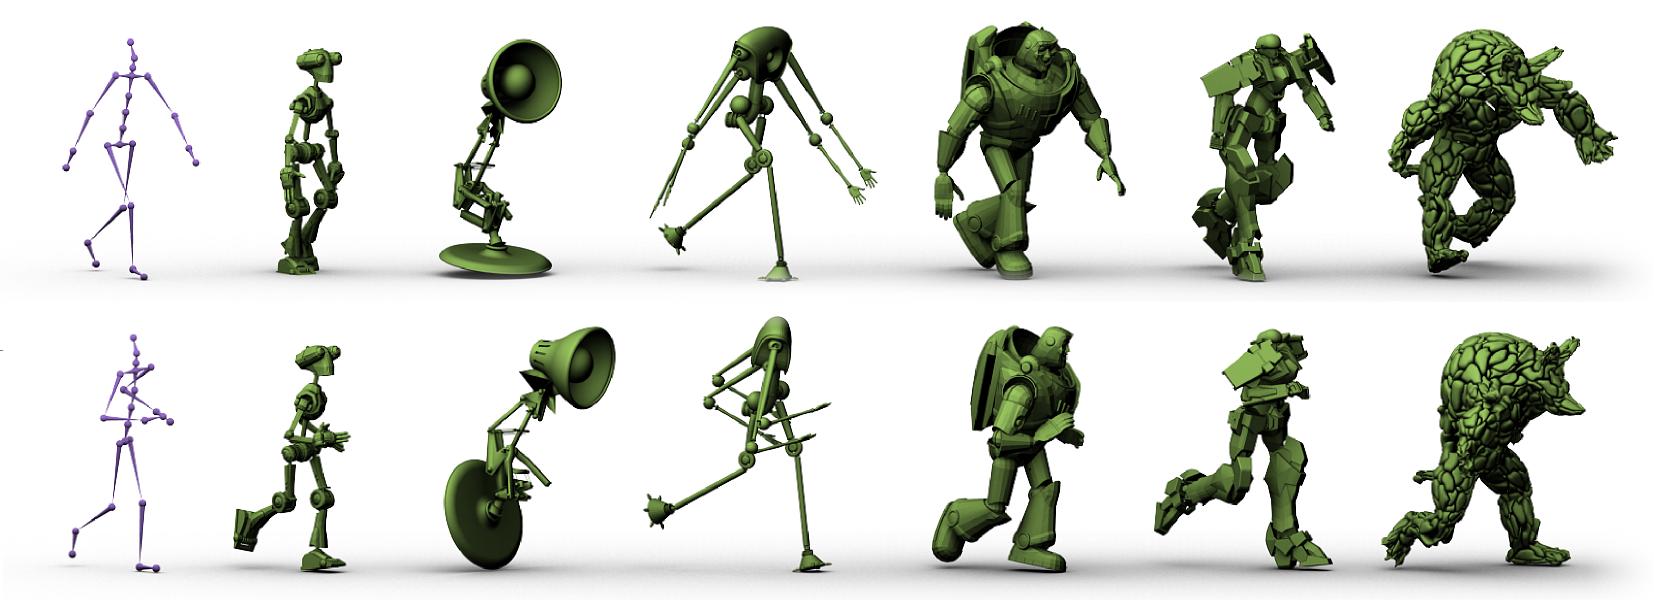 ลำดับการทำงาน 3D Animation